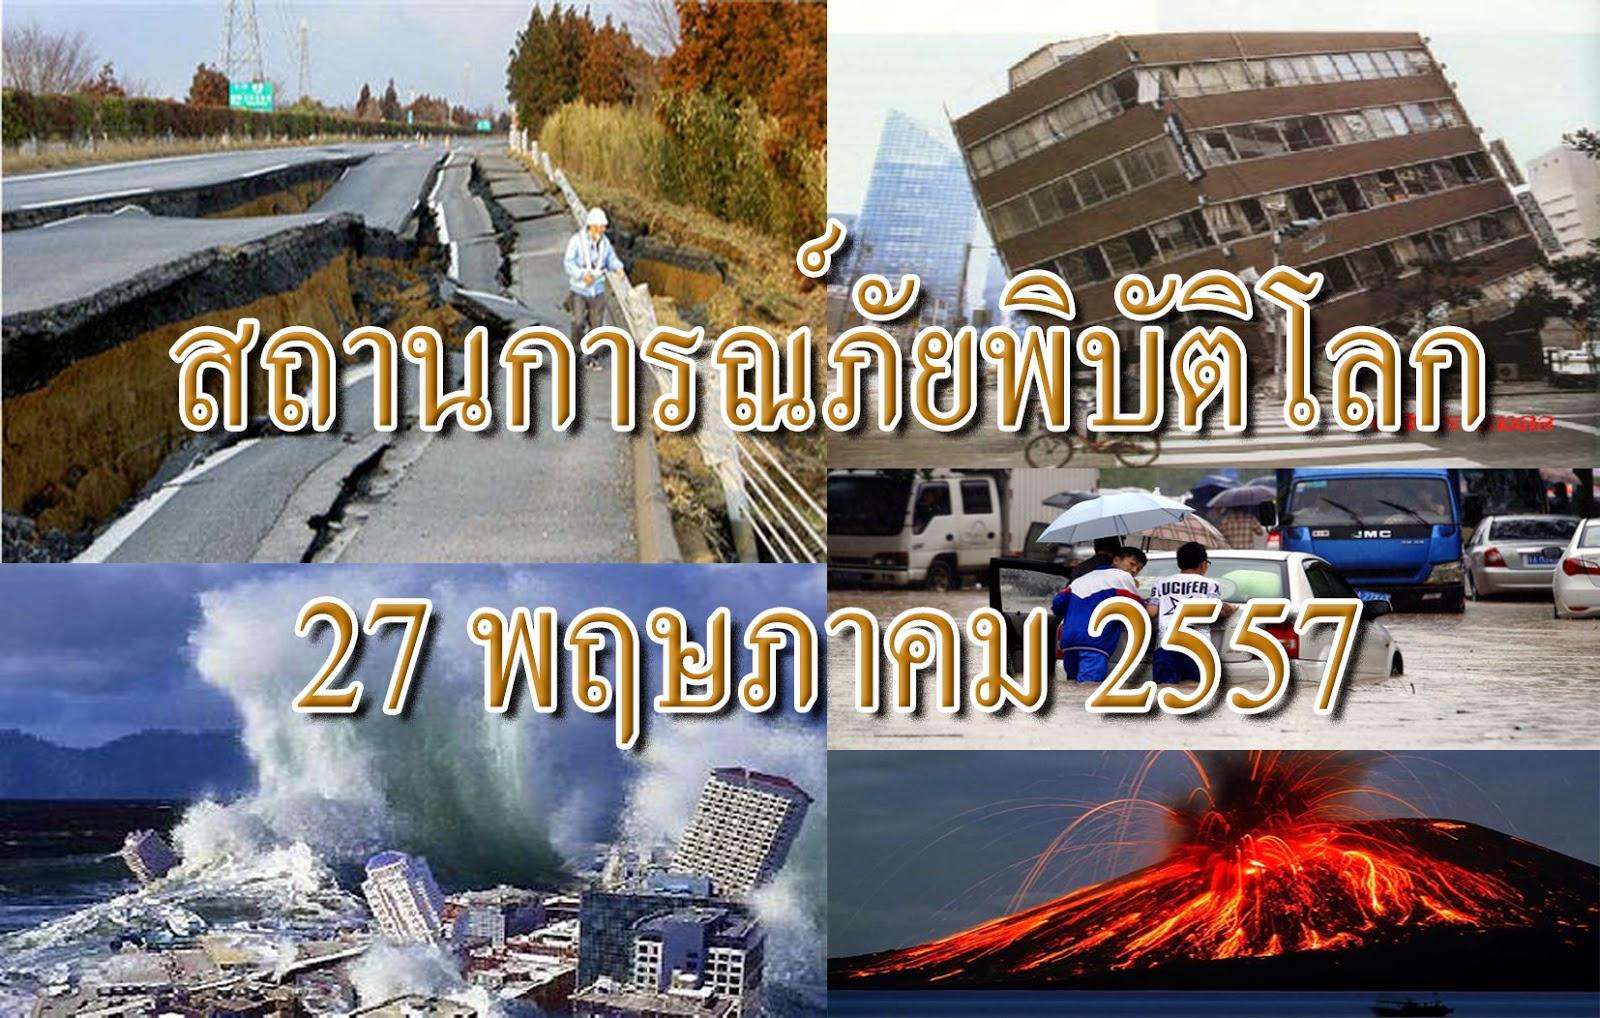 สถานการณ์ภัยพิบัติ: รวมข่าวสถานการณ์ภัยพิบัติโลก 27 พฤษภาคม 2557